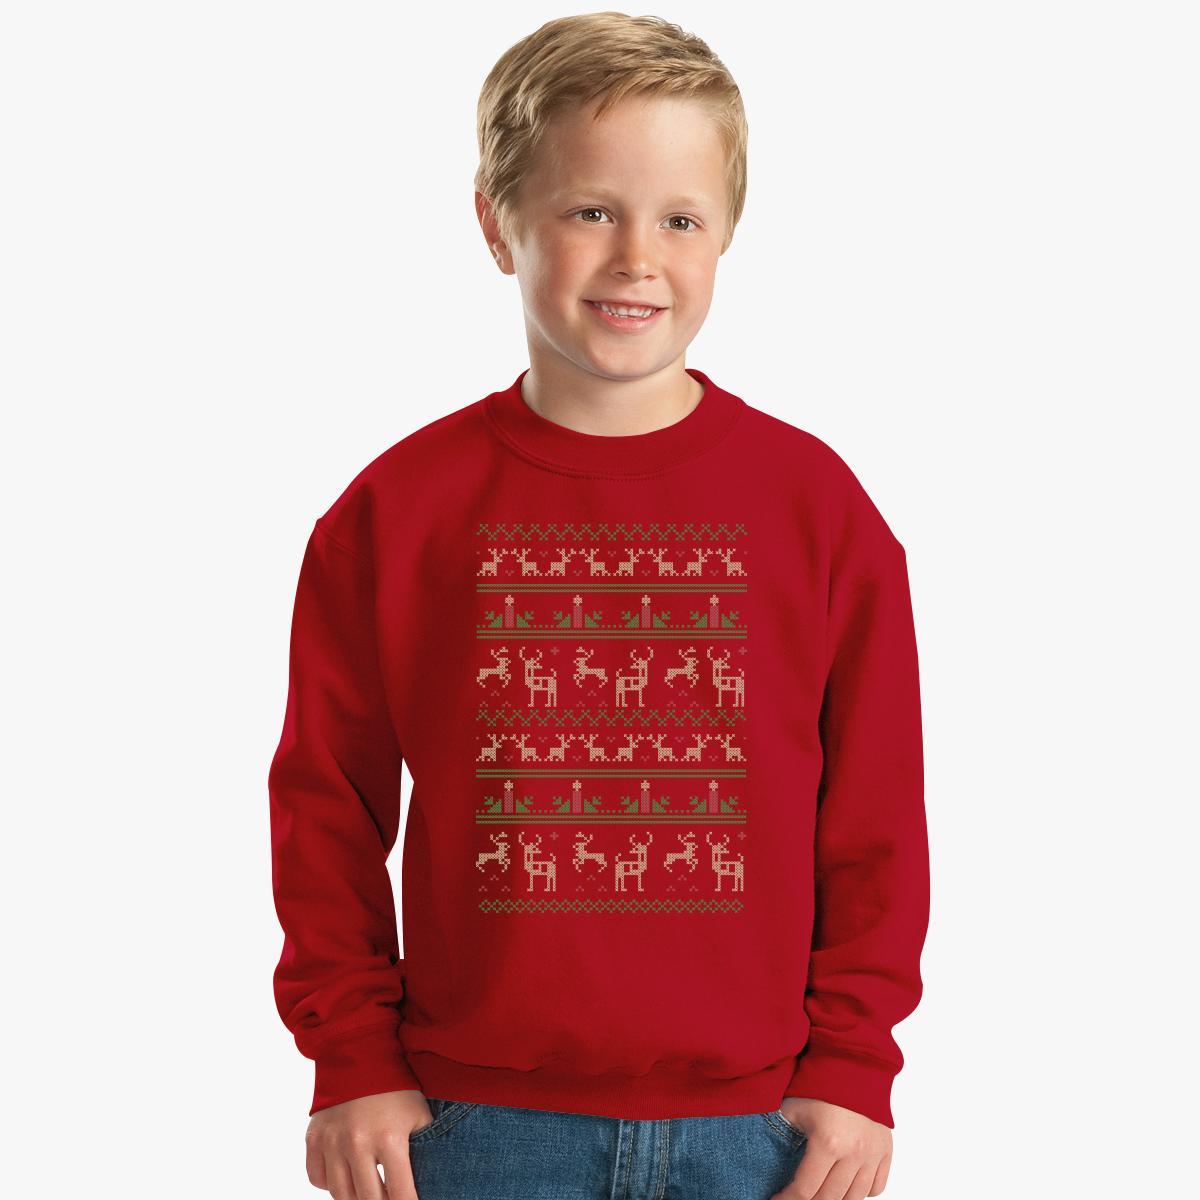 e58e4ca97 Twenty One Pilots Christmas Sweater